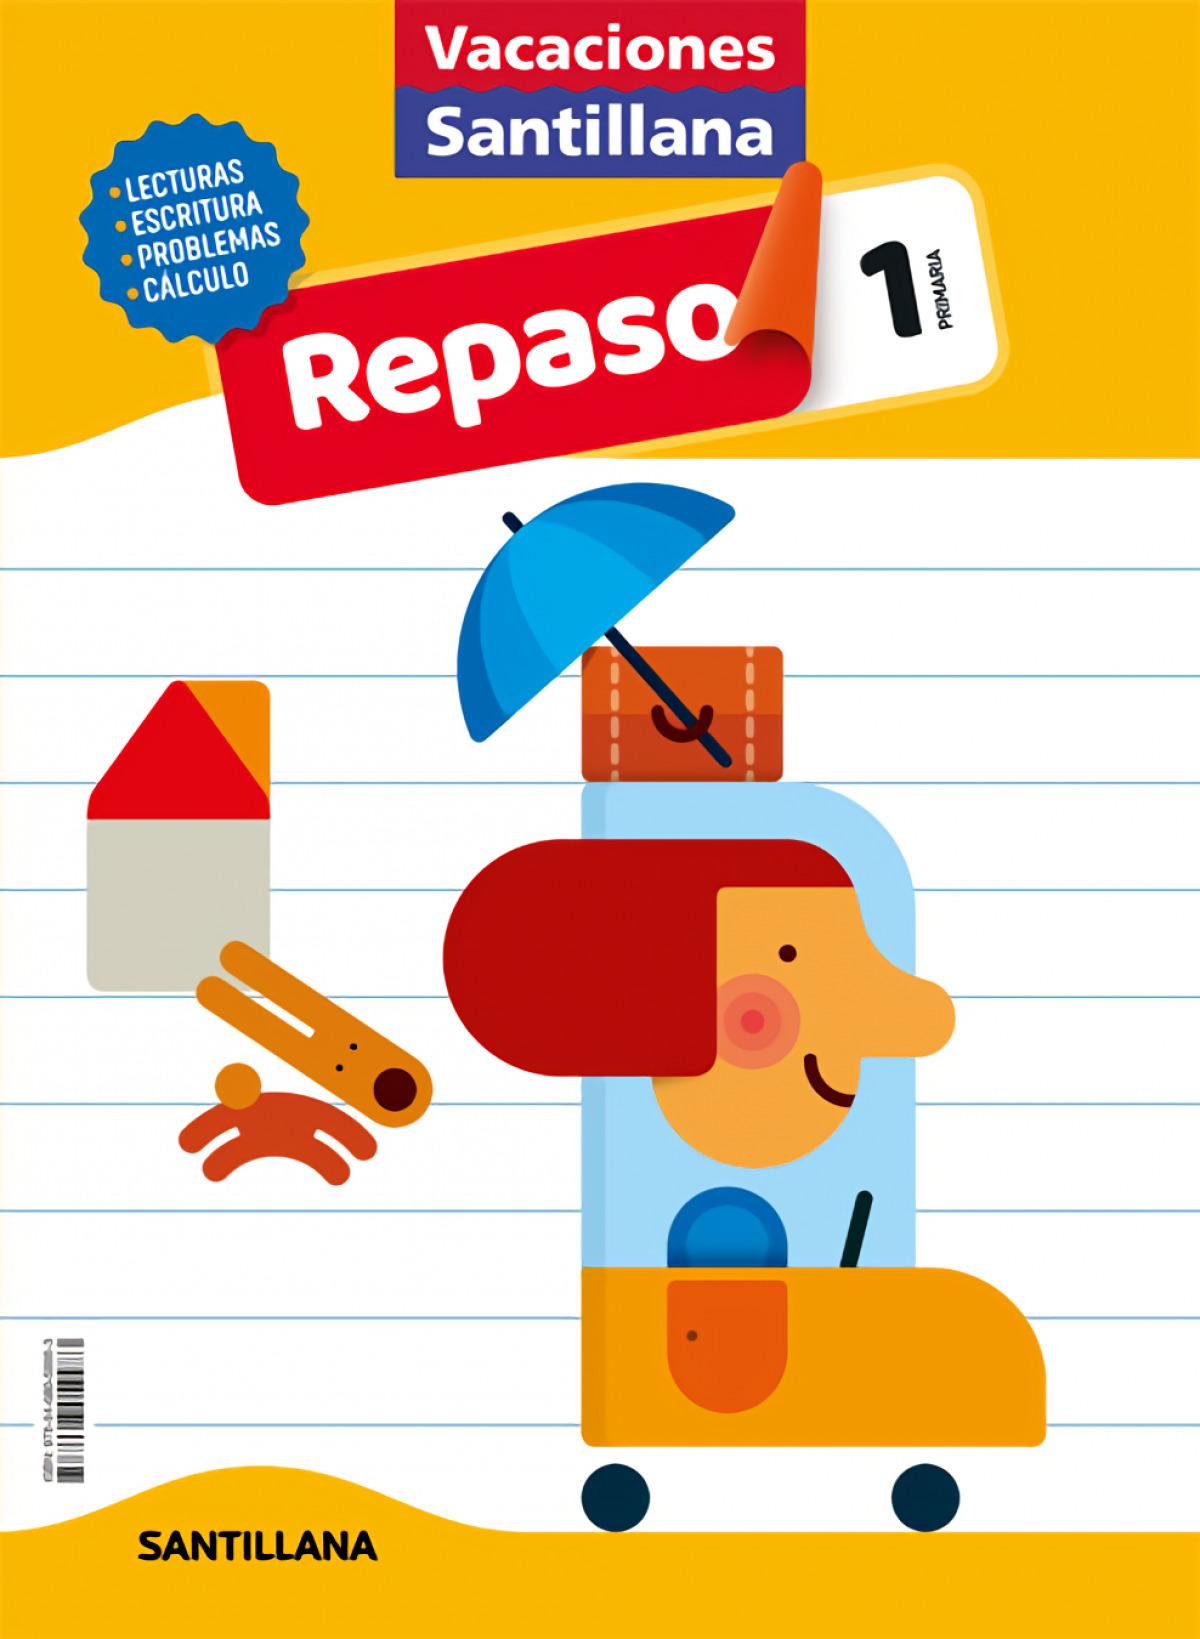 VACACIONES REPASO 1o.EP 2020 9788468059983